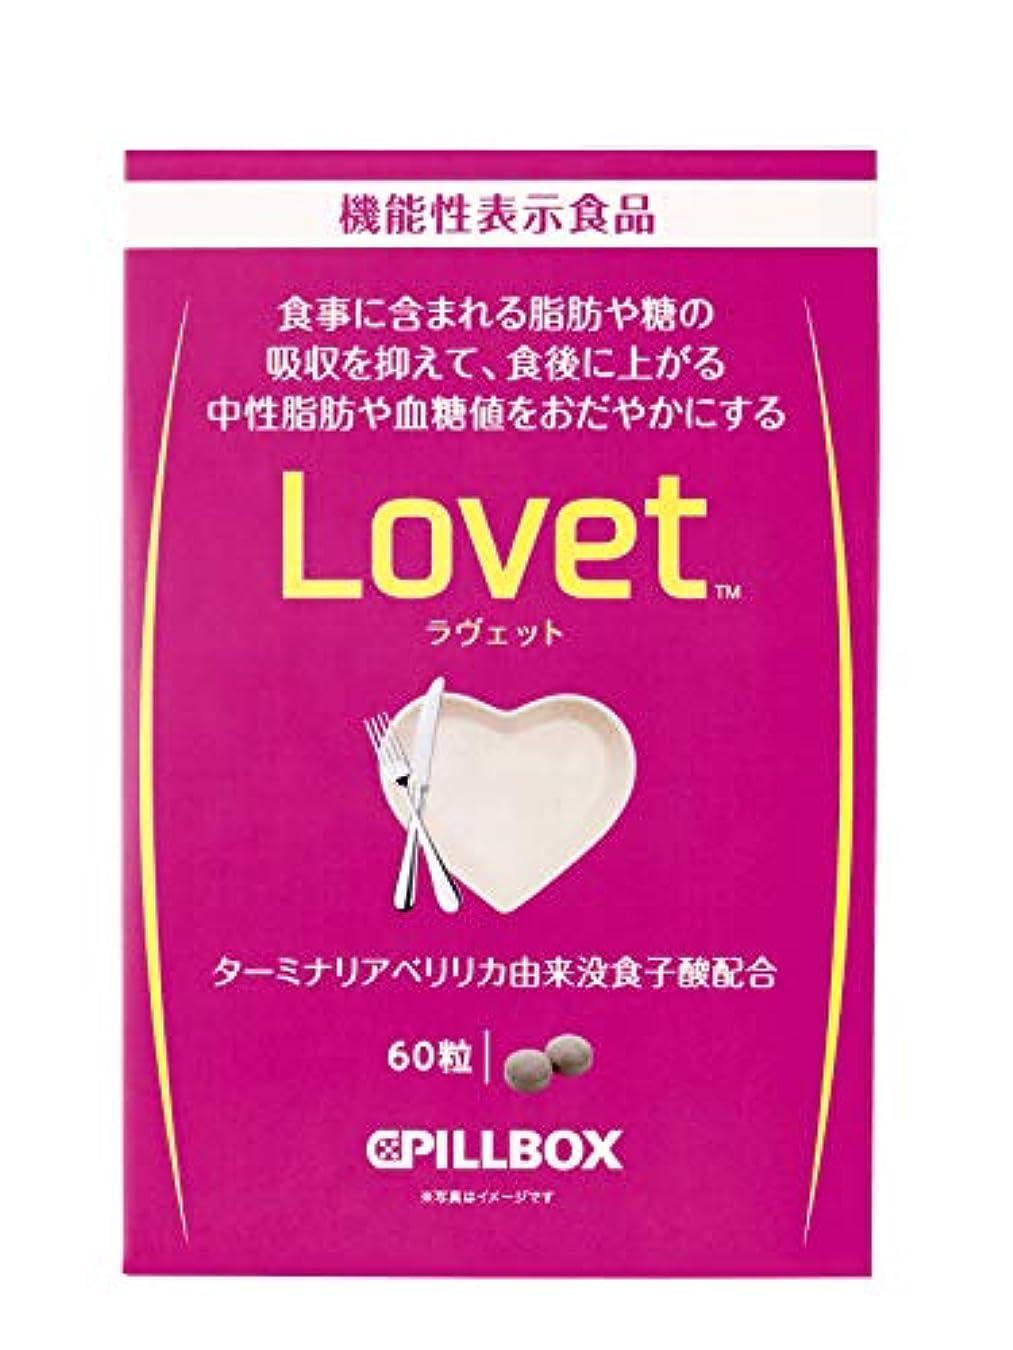 ソーセージ吸い込む謝罪するピルボックス Lovet(ラヴェット)60粒 [機能性表示食品]